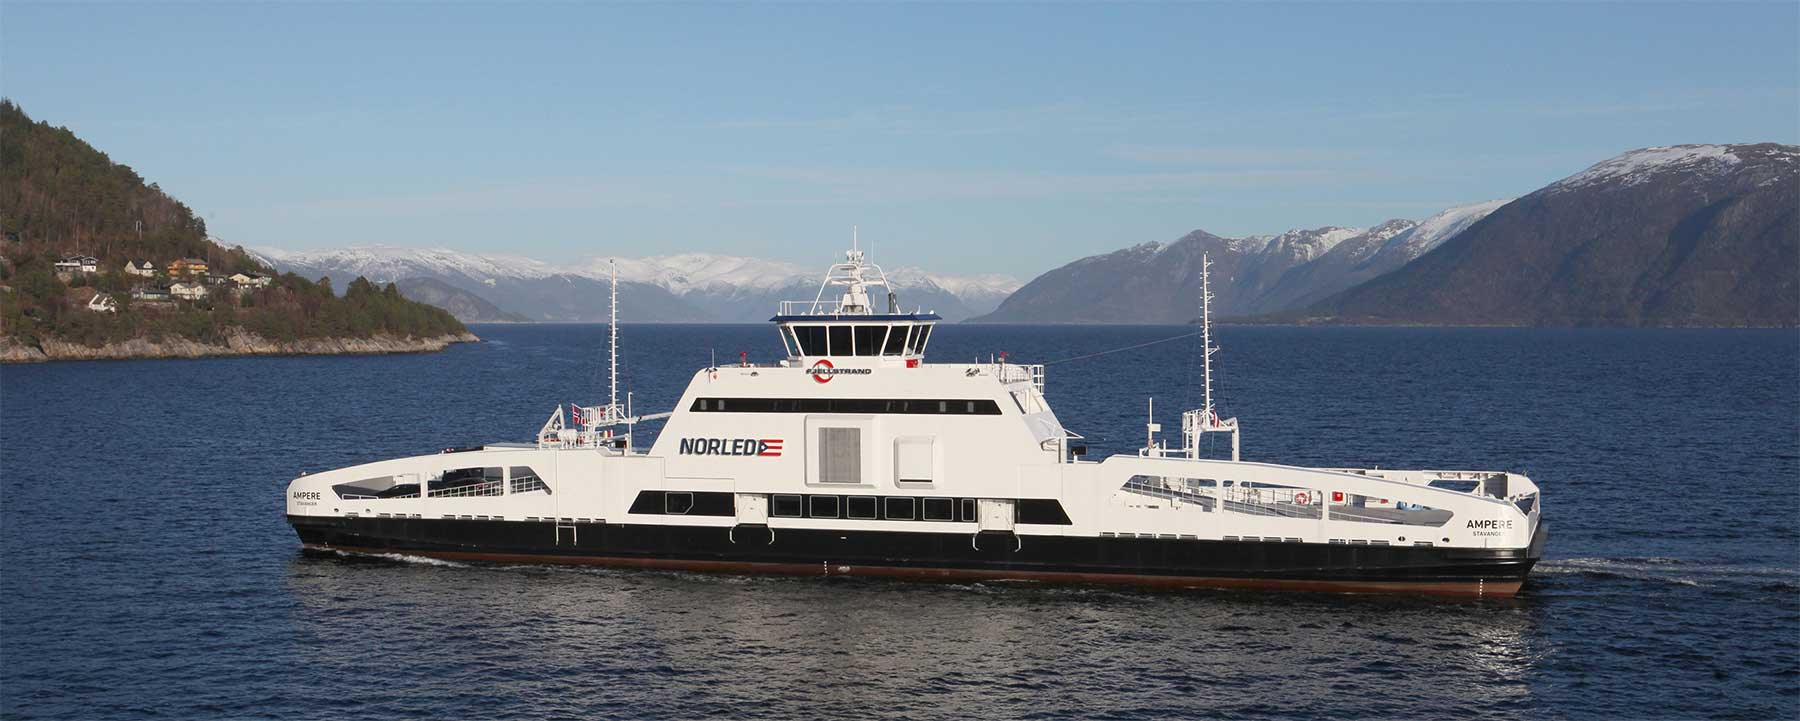 Norvège : les navires zéro émission obligatoires dans les fjords à compter de 2026